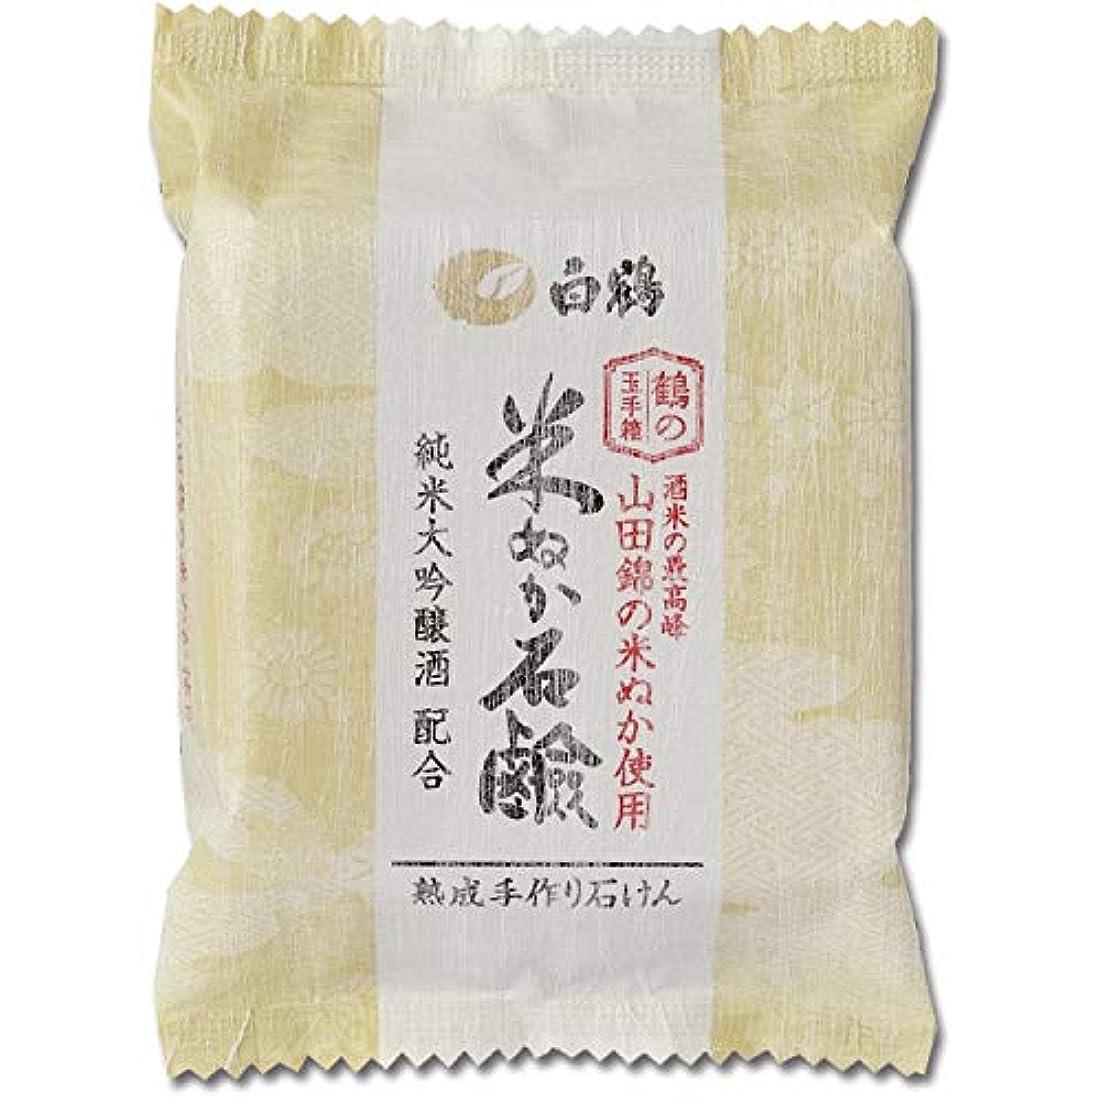 ロードブロッキング支援する予備白鶴 鶴の玉手箱 米ぬか石けん 100g (全身用石鹸)